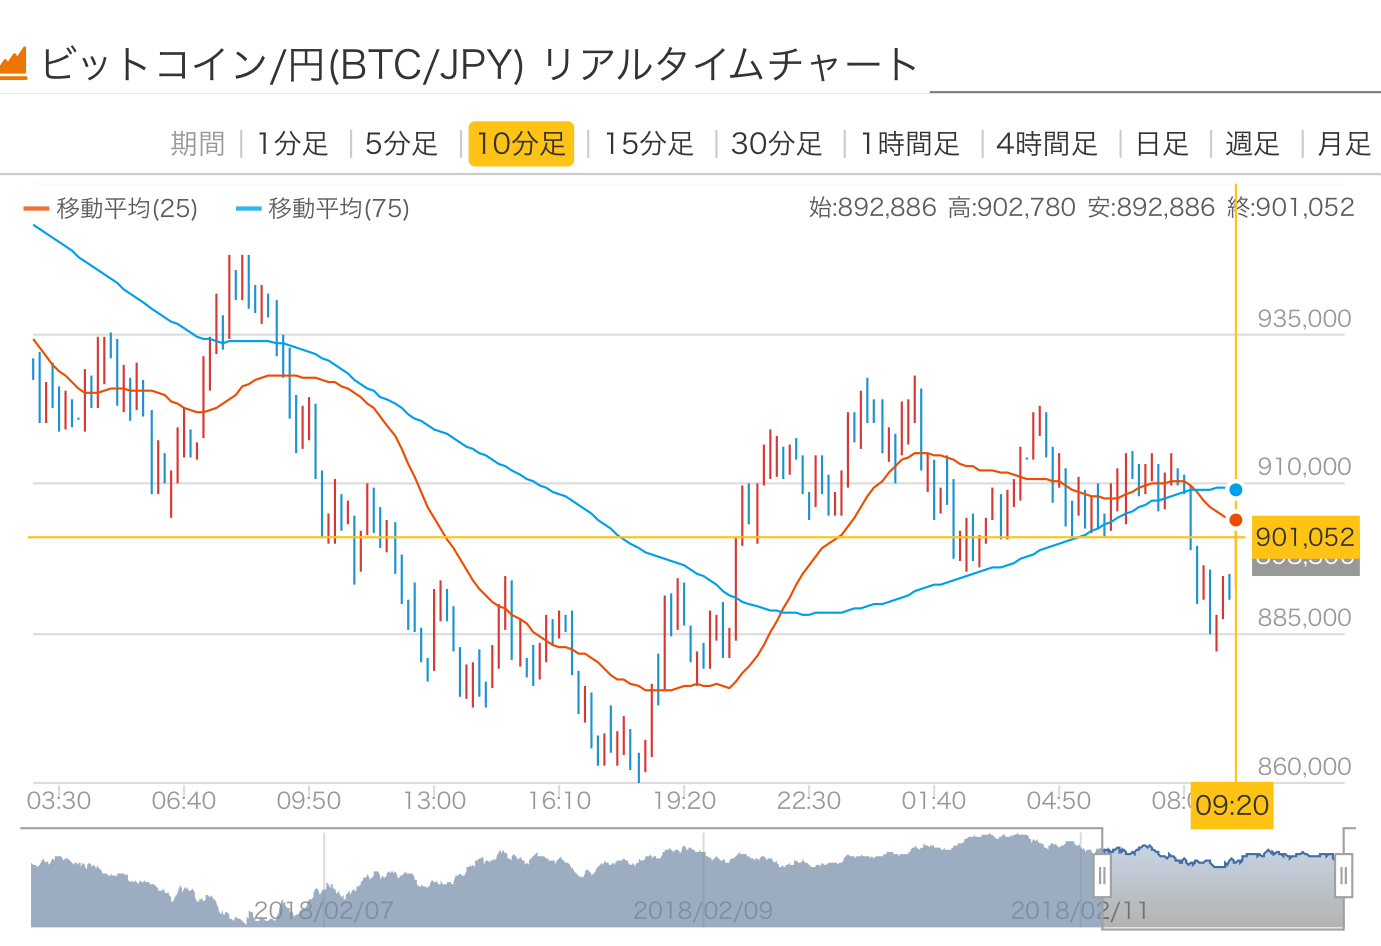 2018/02/12 ビットコインの価格